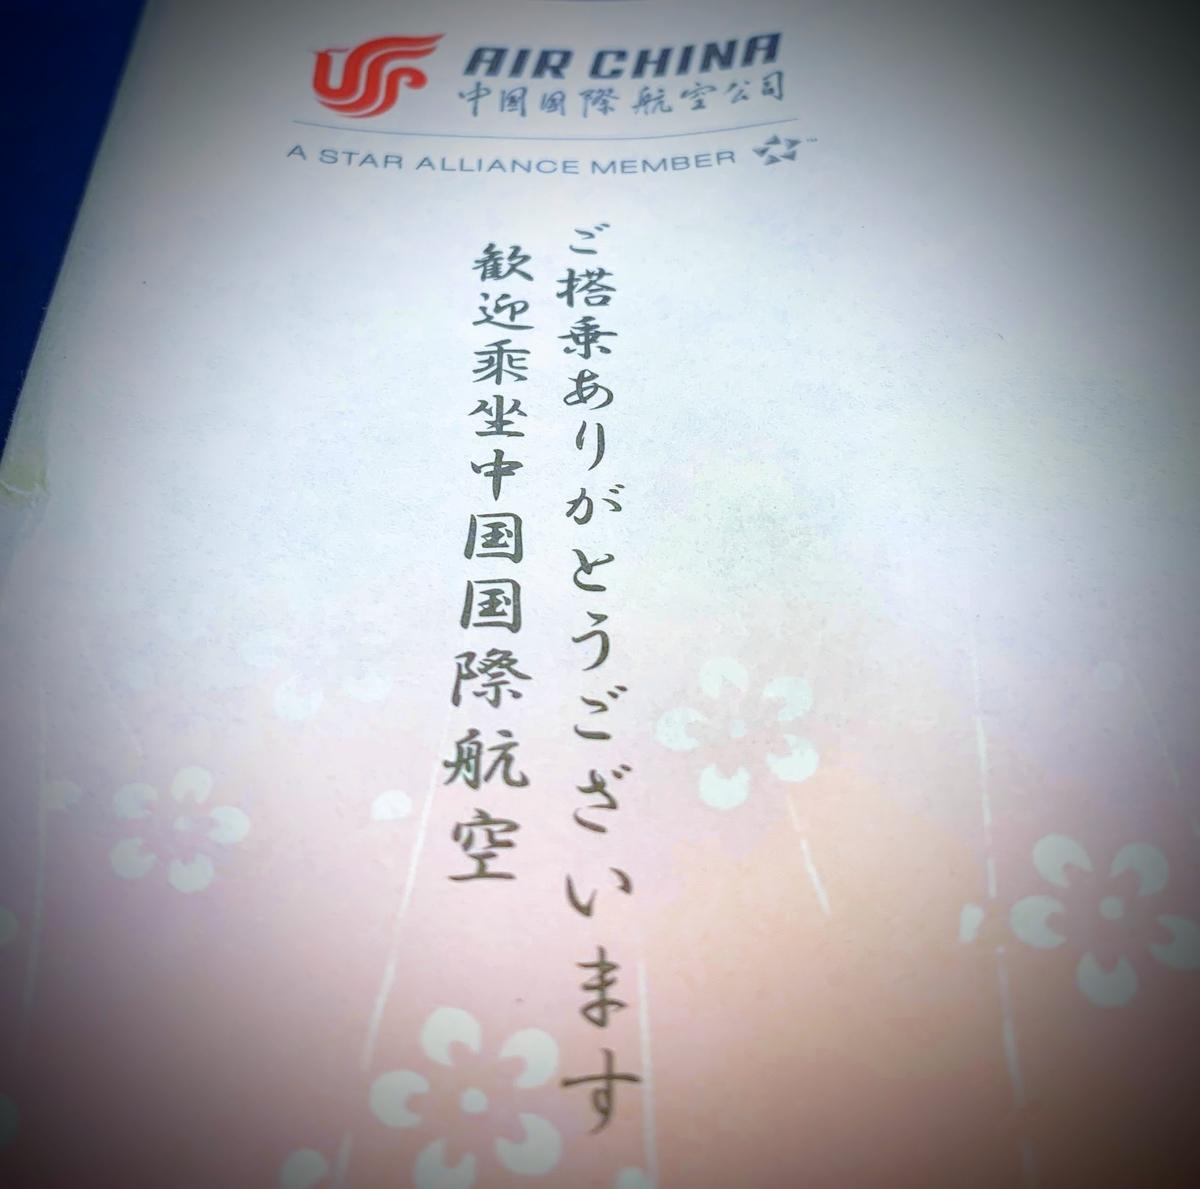 飛行機には乗りませんが「ご搭乗ありがとうございます」   エアチャイナフェスタ2019東京